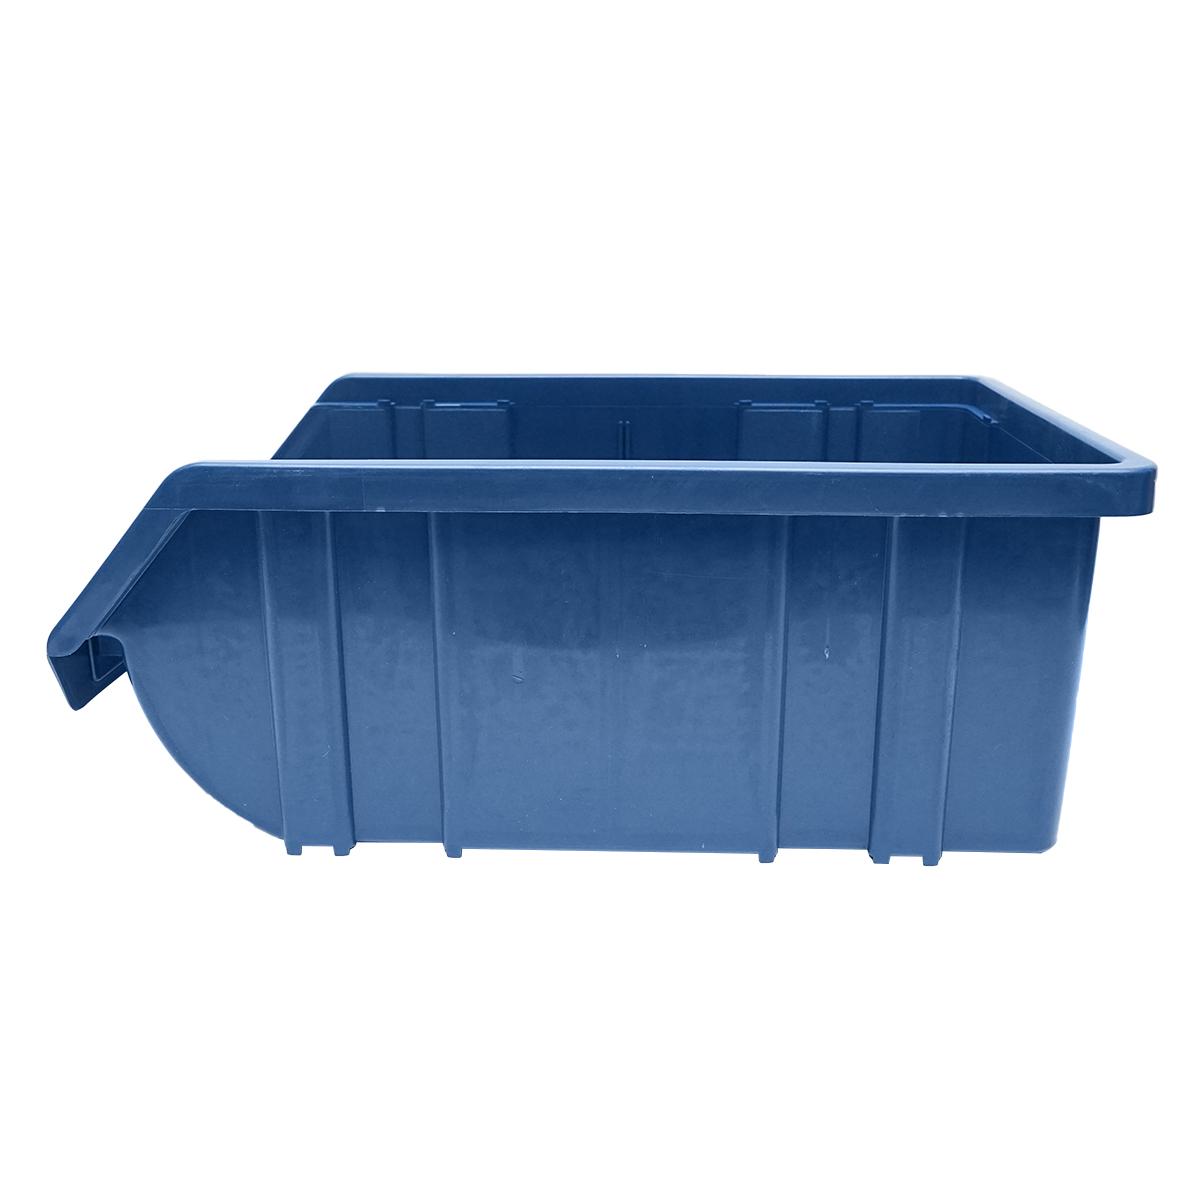 Cutie plastic depozitare 310x490x190mm albastra